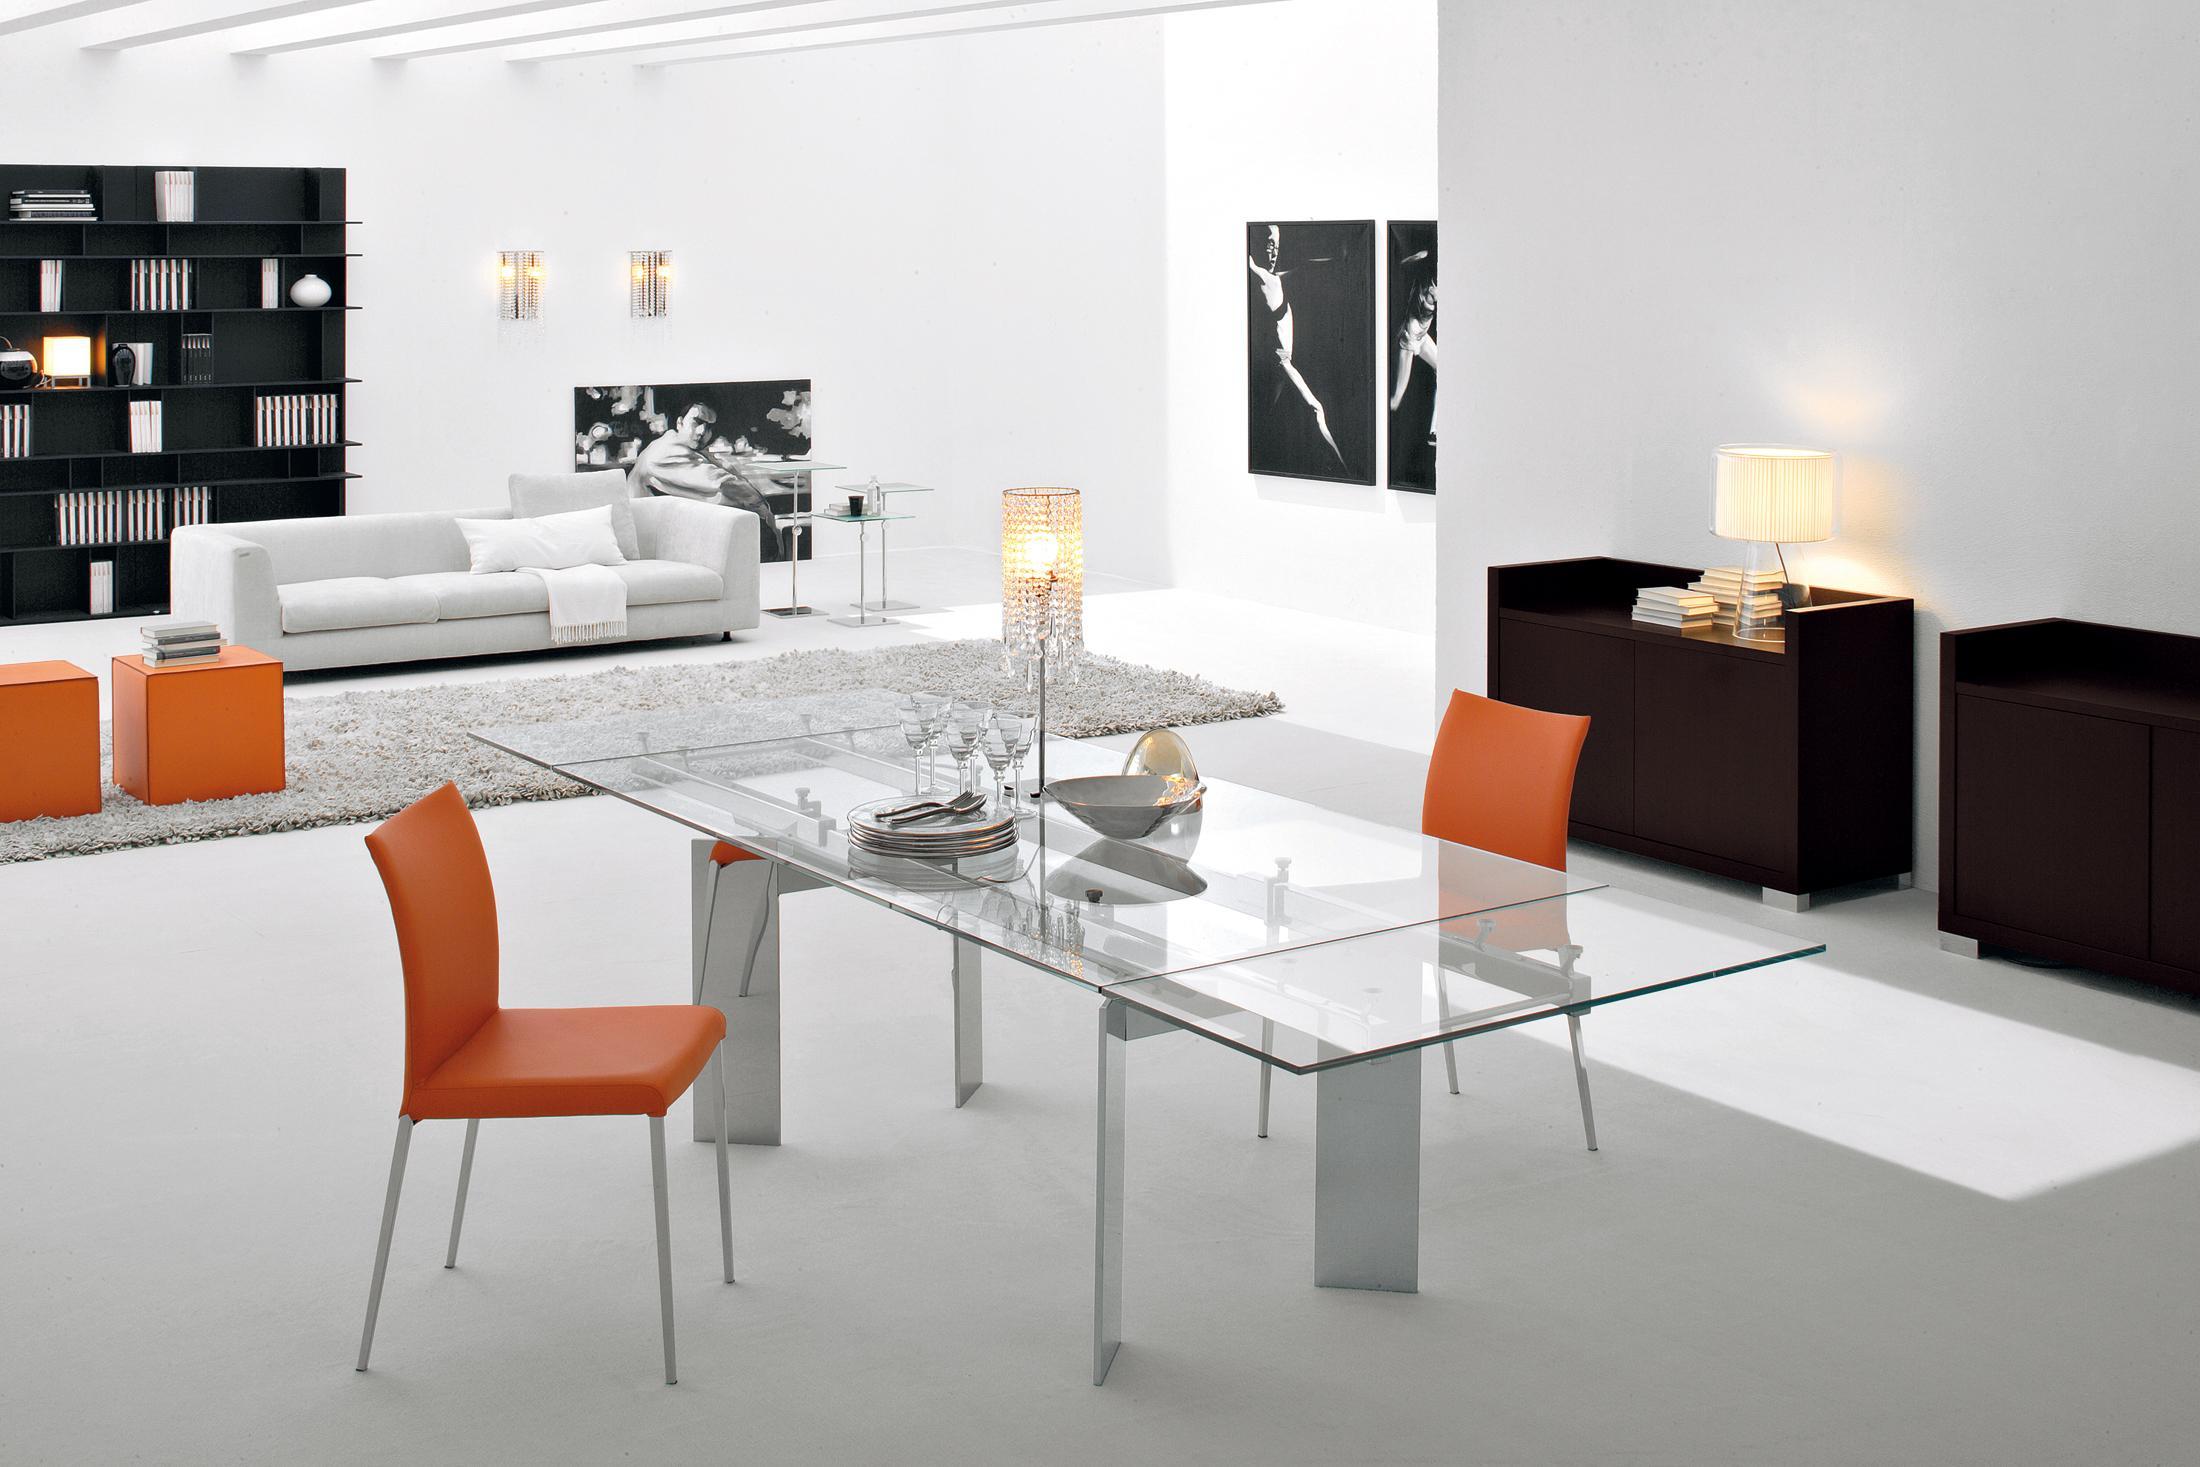 Modernes Esszimmer Mit Glastisch #hocker #esstisch #glastisch #sideboard  #sofa ©Cattelan